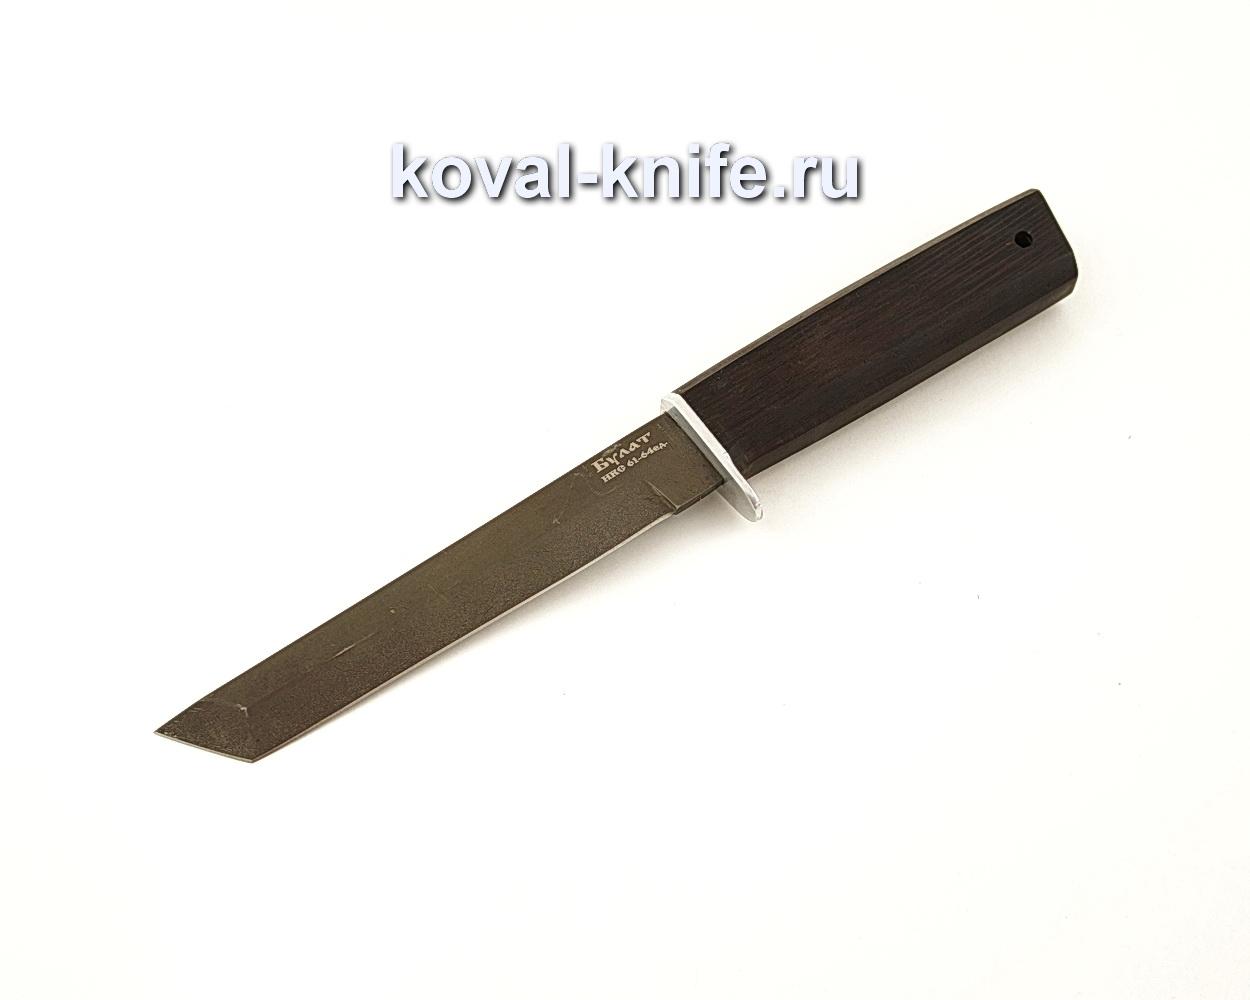 Нож Кобун из булатной стали с рукоятью из граба  A634